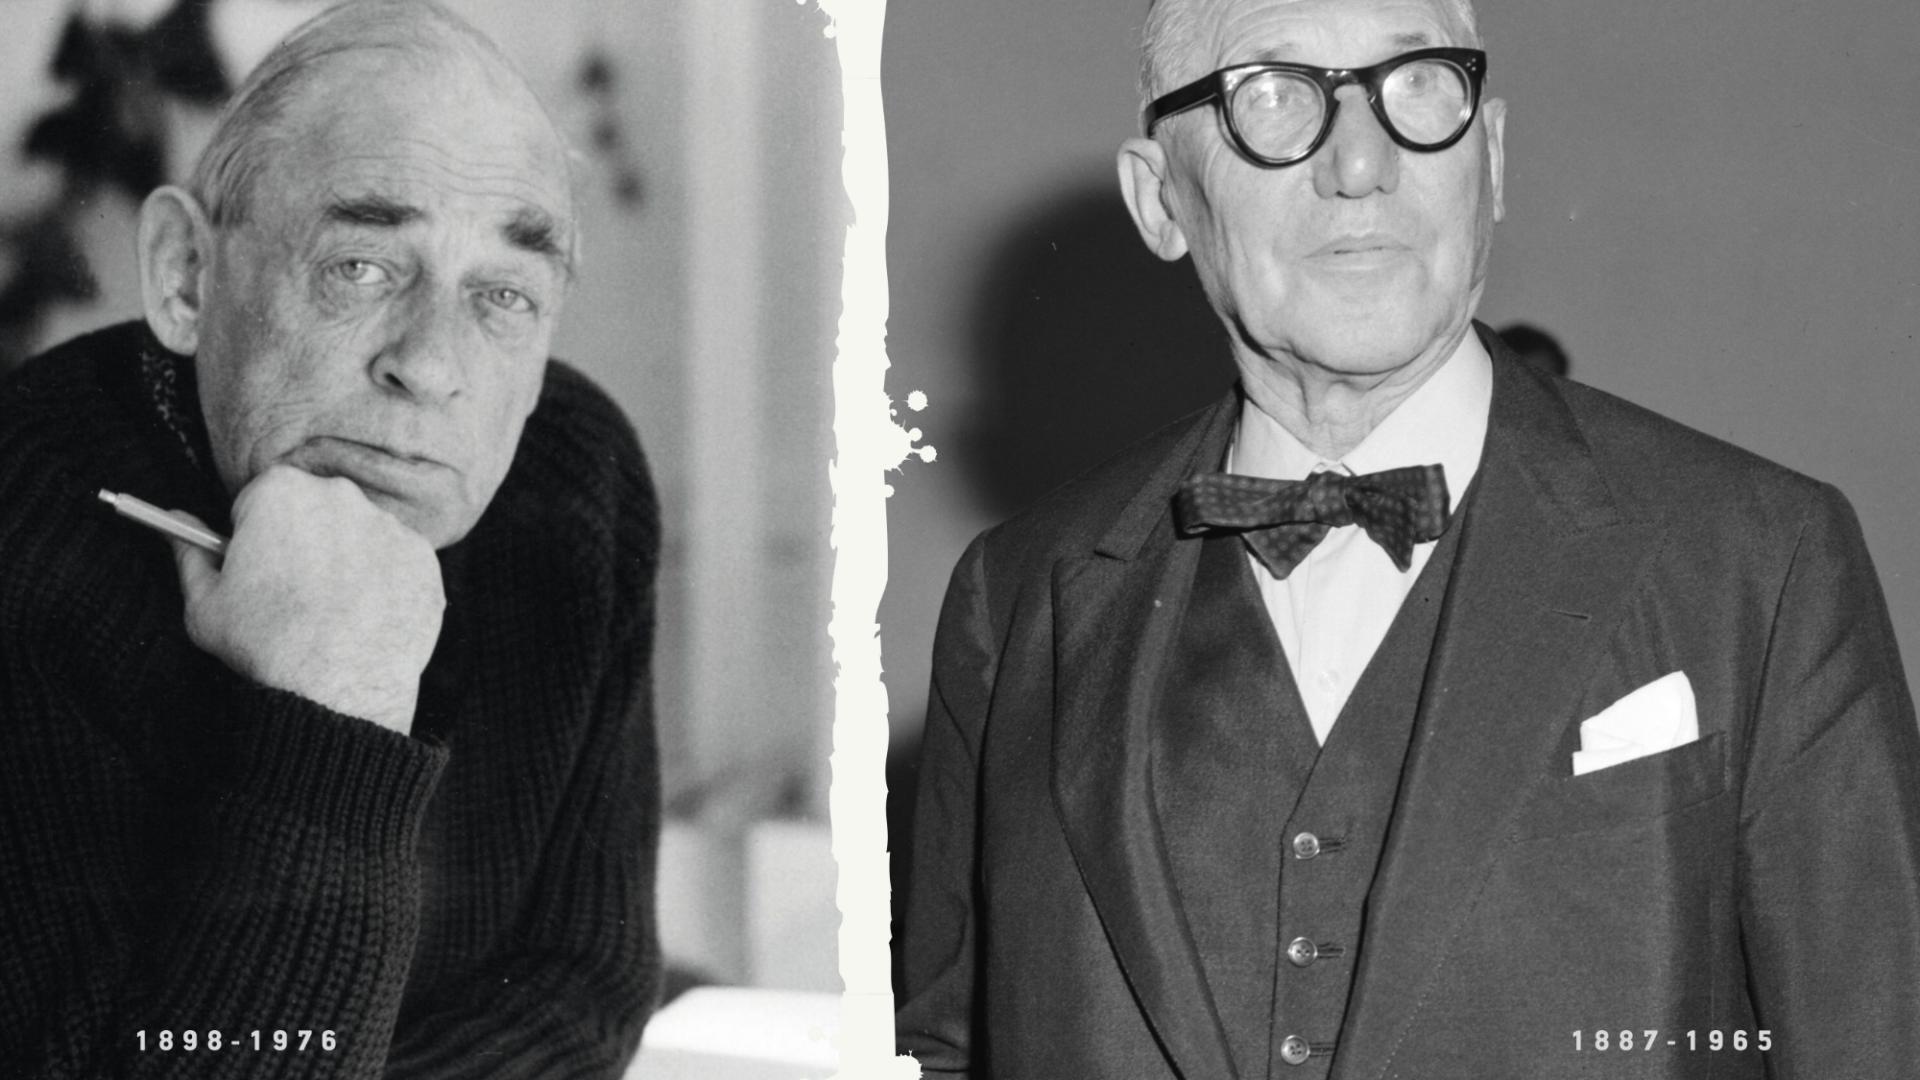 Aalto & Le Corbusier ehk Triin Ojari intervjuu arhitektuurist ja selle pildile püüdimisest